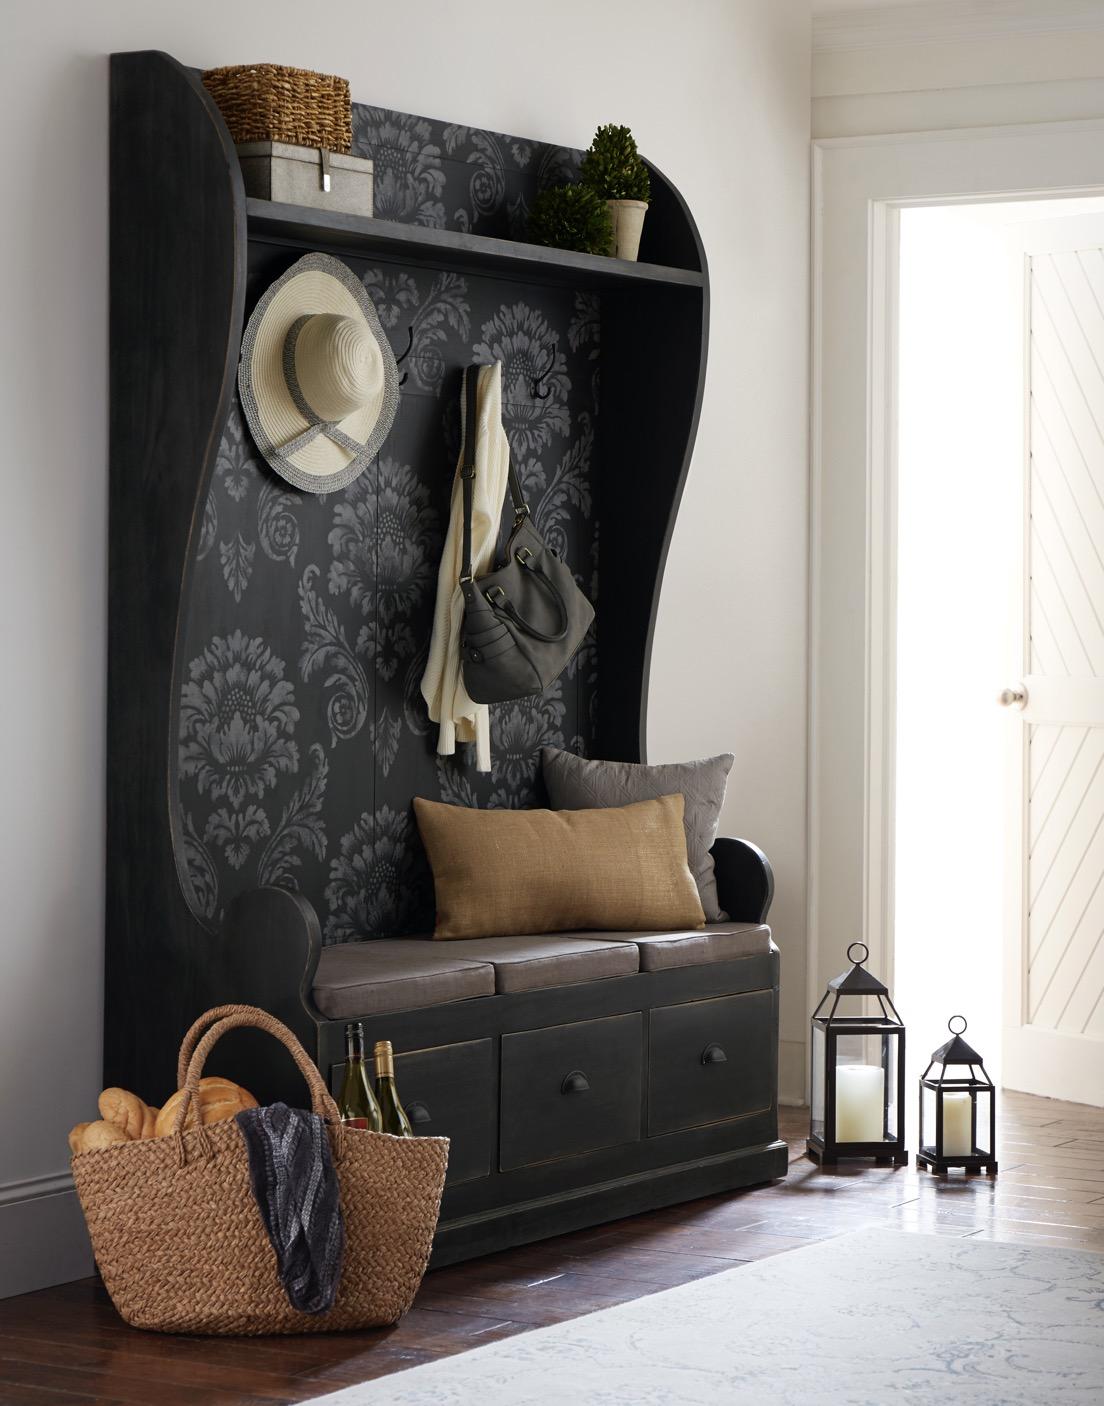 Lemari Pajang Bramble Furniture dengan Motif/ Furnitur American Style